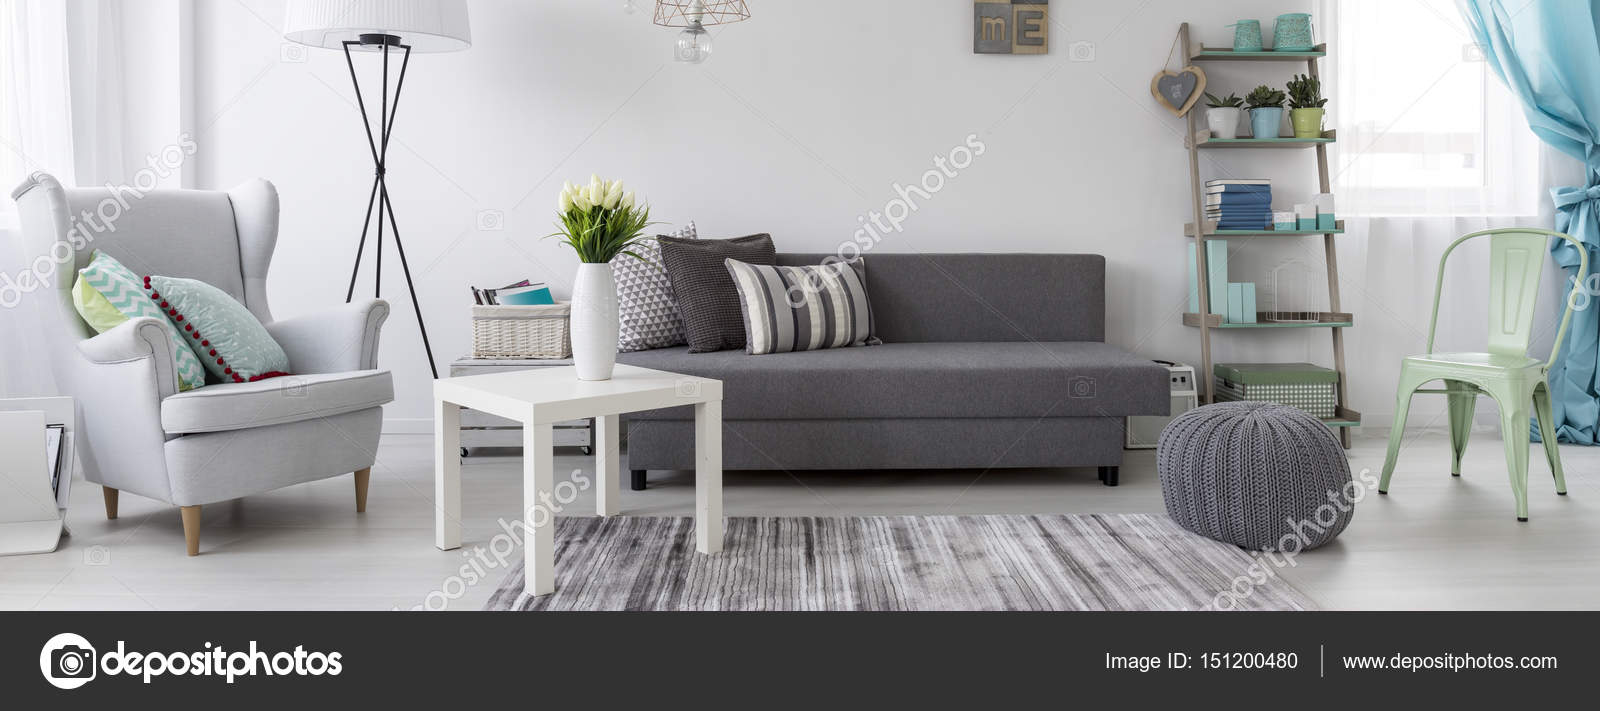 Wohnzimmer Im Skandinavischen Stil Idee Stockfoto Photographee